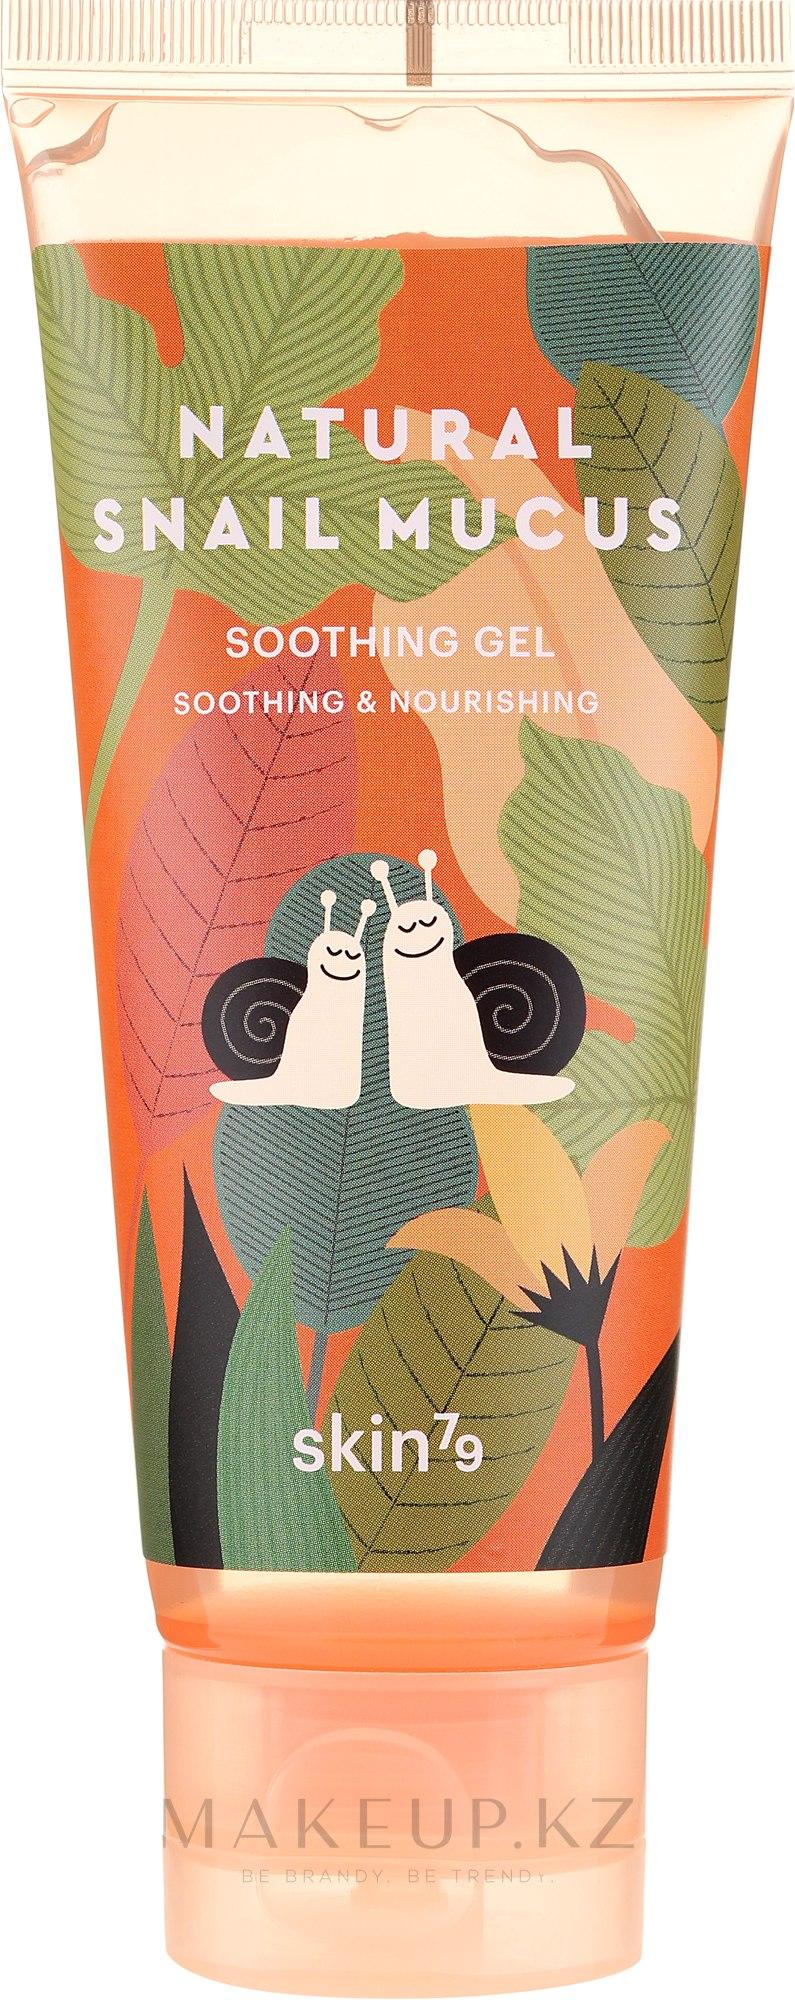 Успокаивающий гель со слизью улитки - Skin79 Natural Snail Mucus Soothing Gel  — фото 100 g